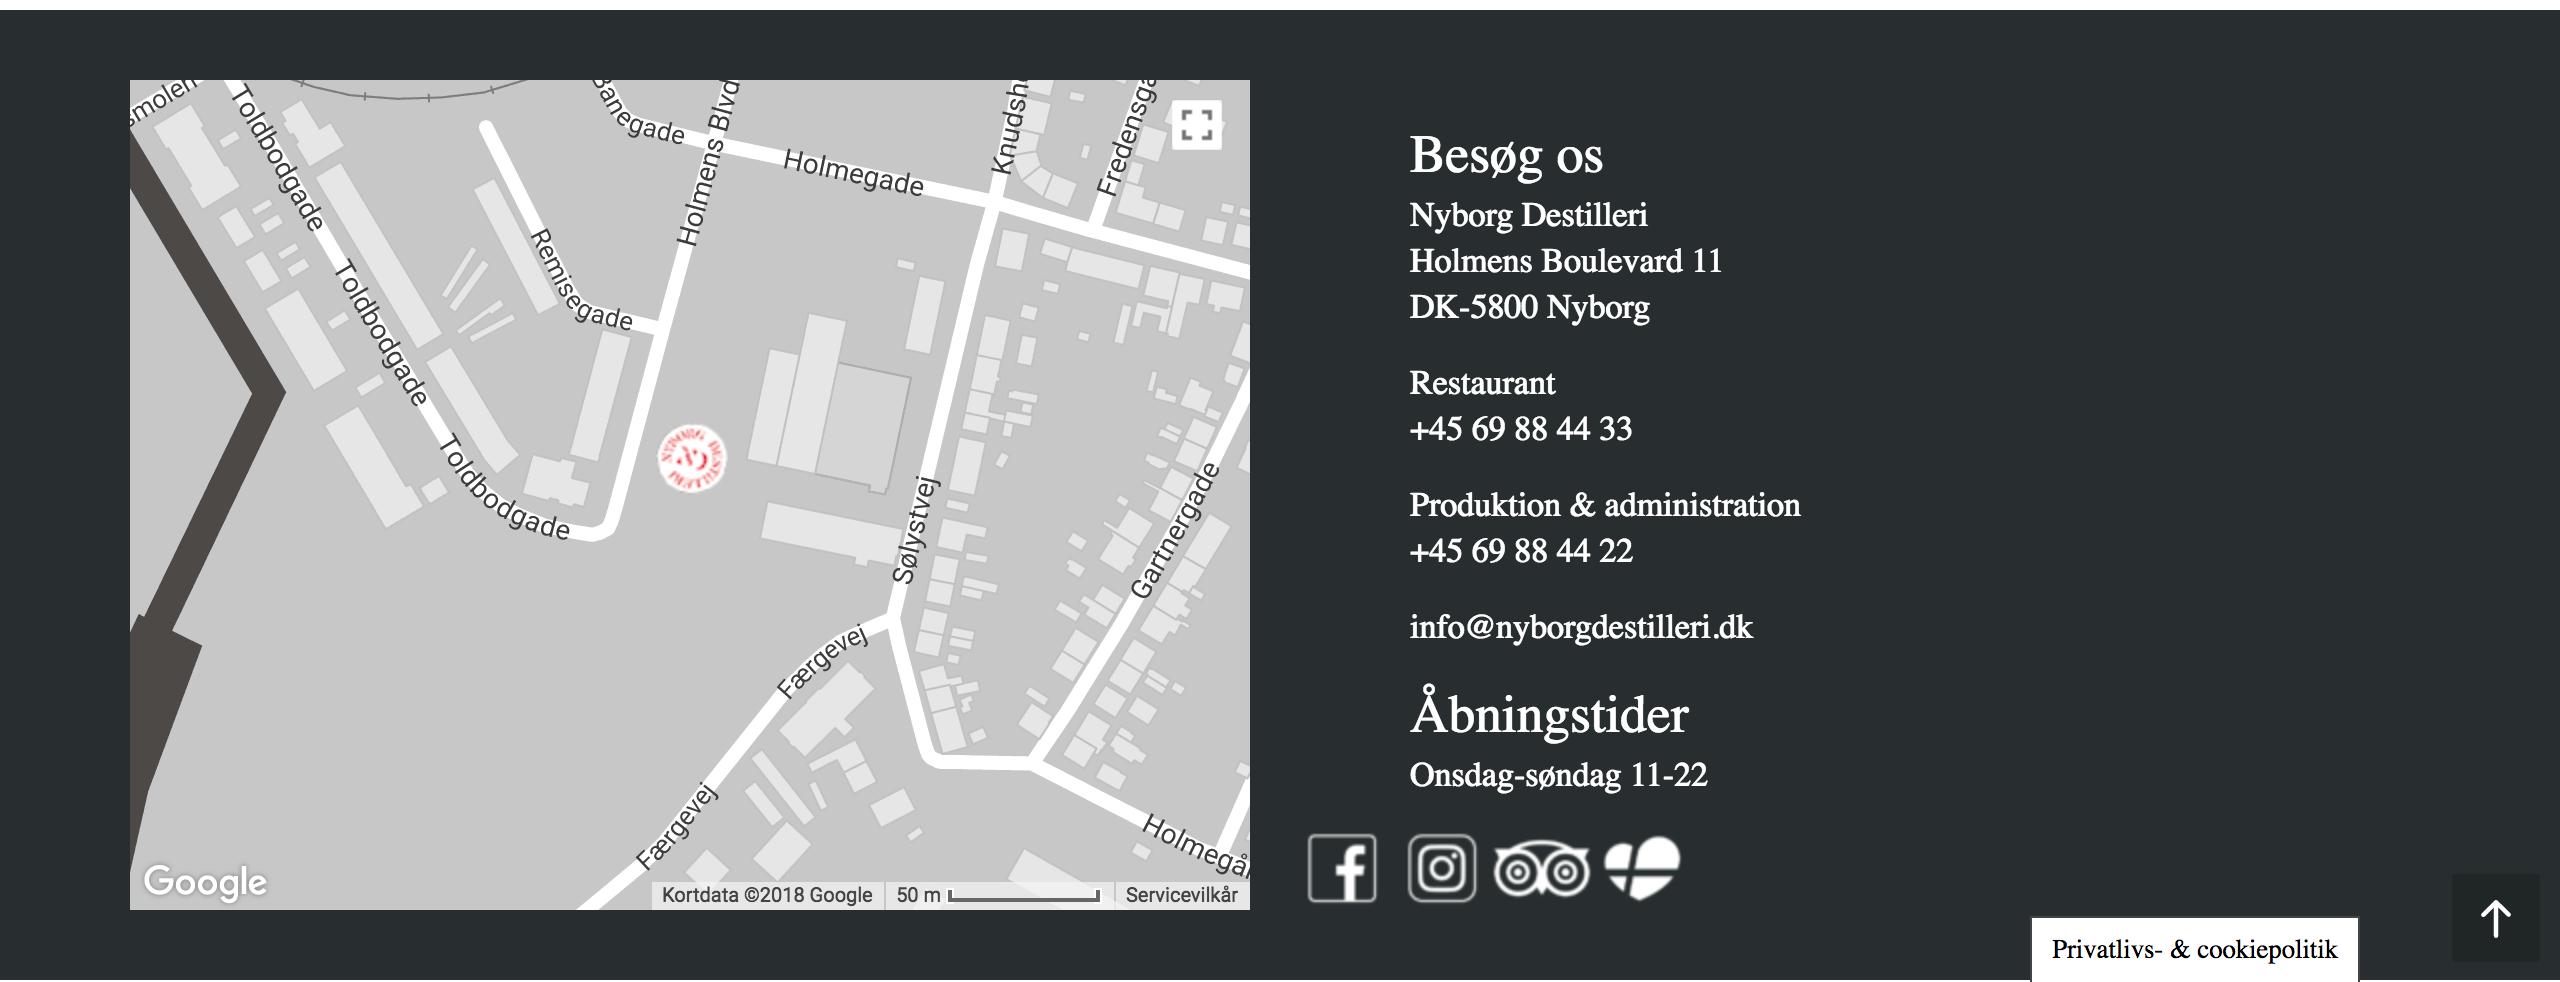 1 layout optimering af www.Nyborgdestilleri.com (crap designprincipper)